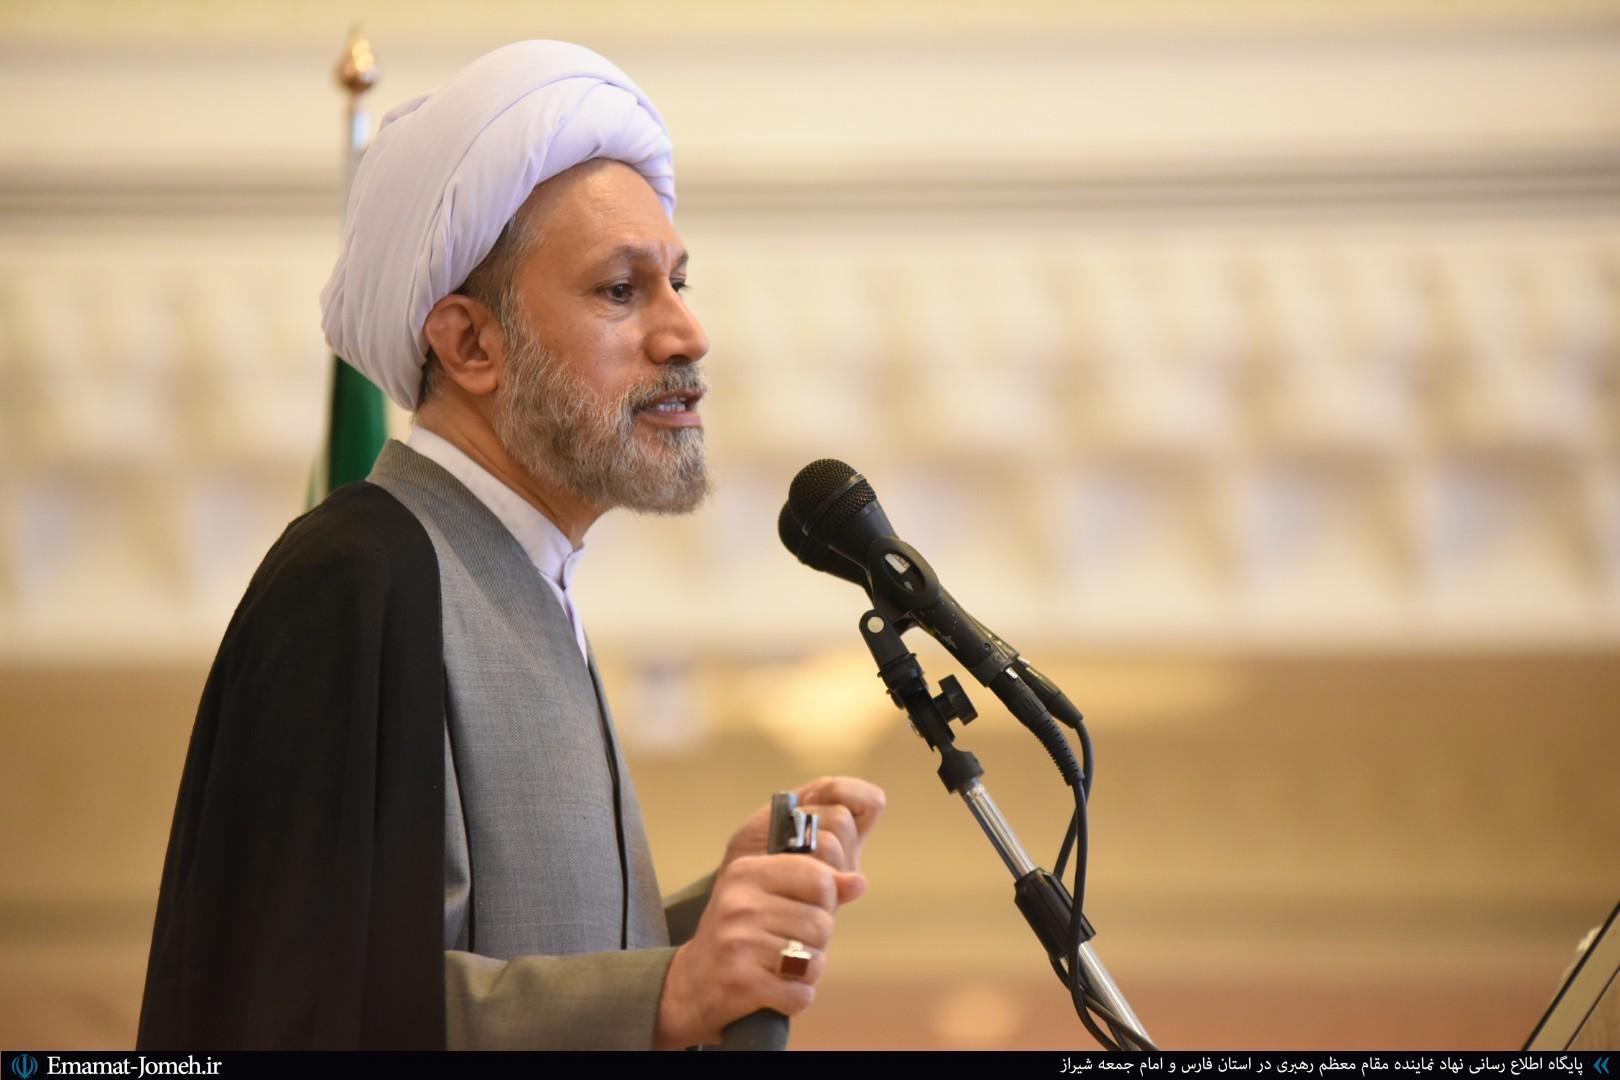 صوت نماز جمعه شیراز ۳۰ خرداد ماه ۹۹